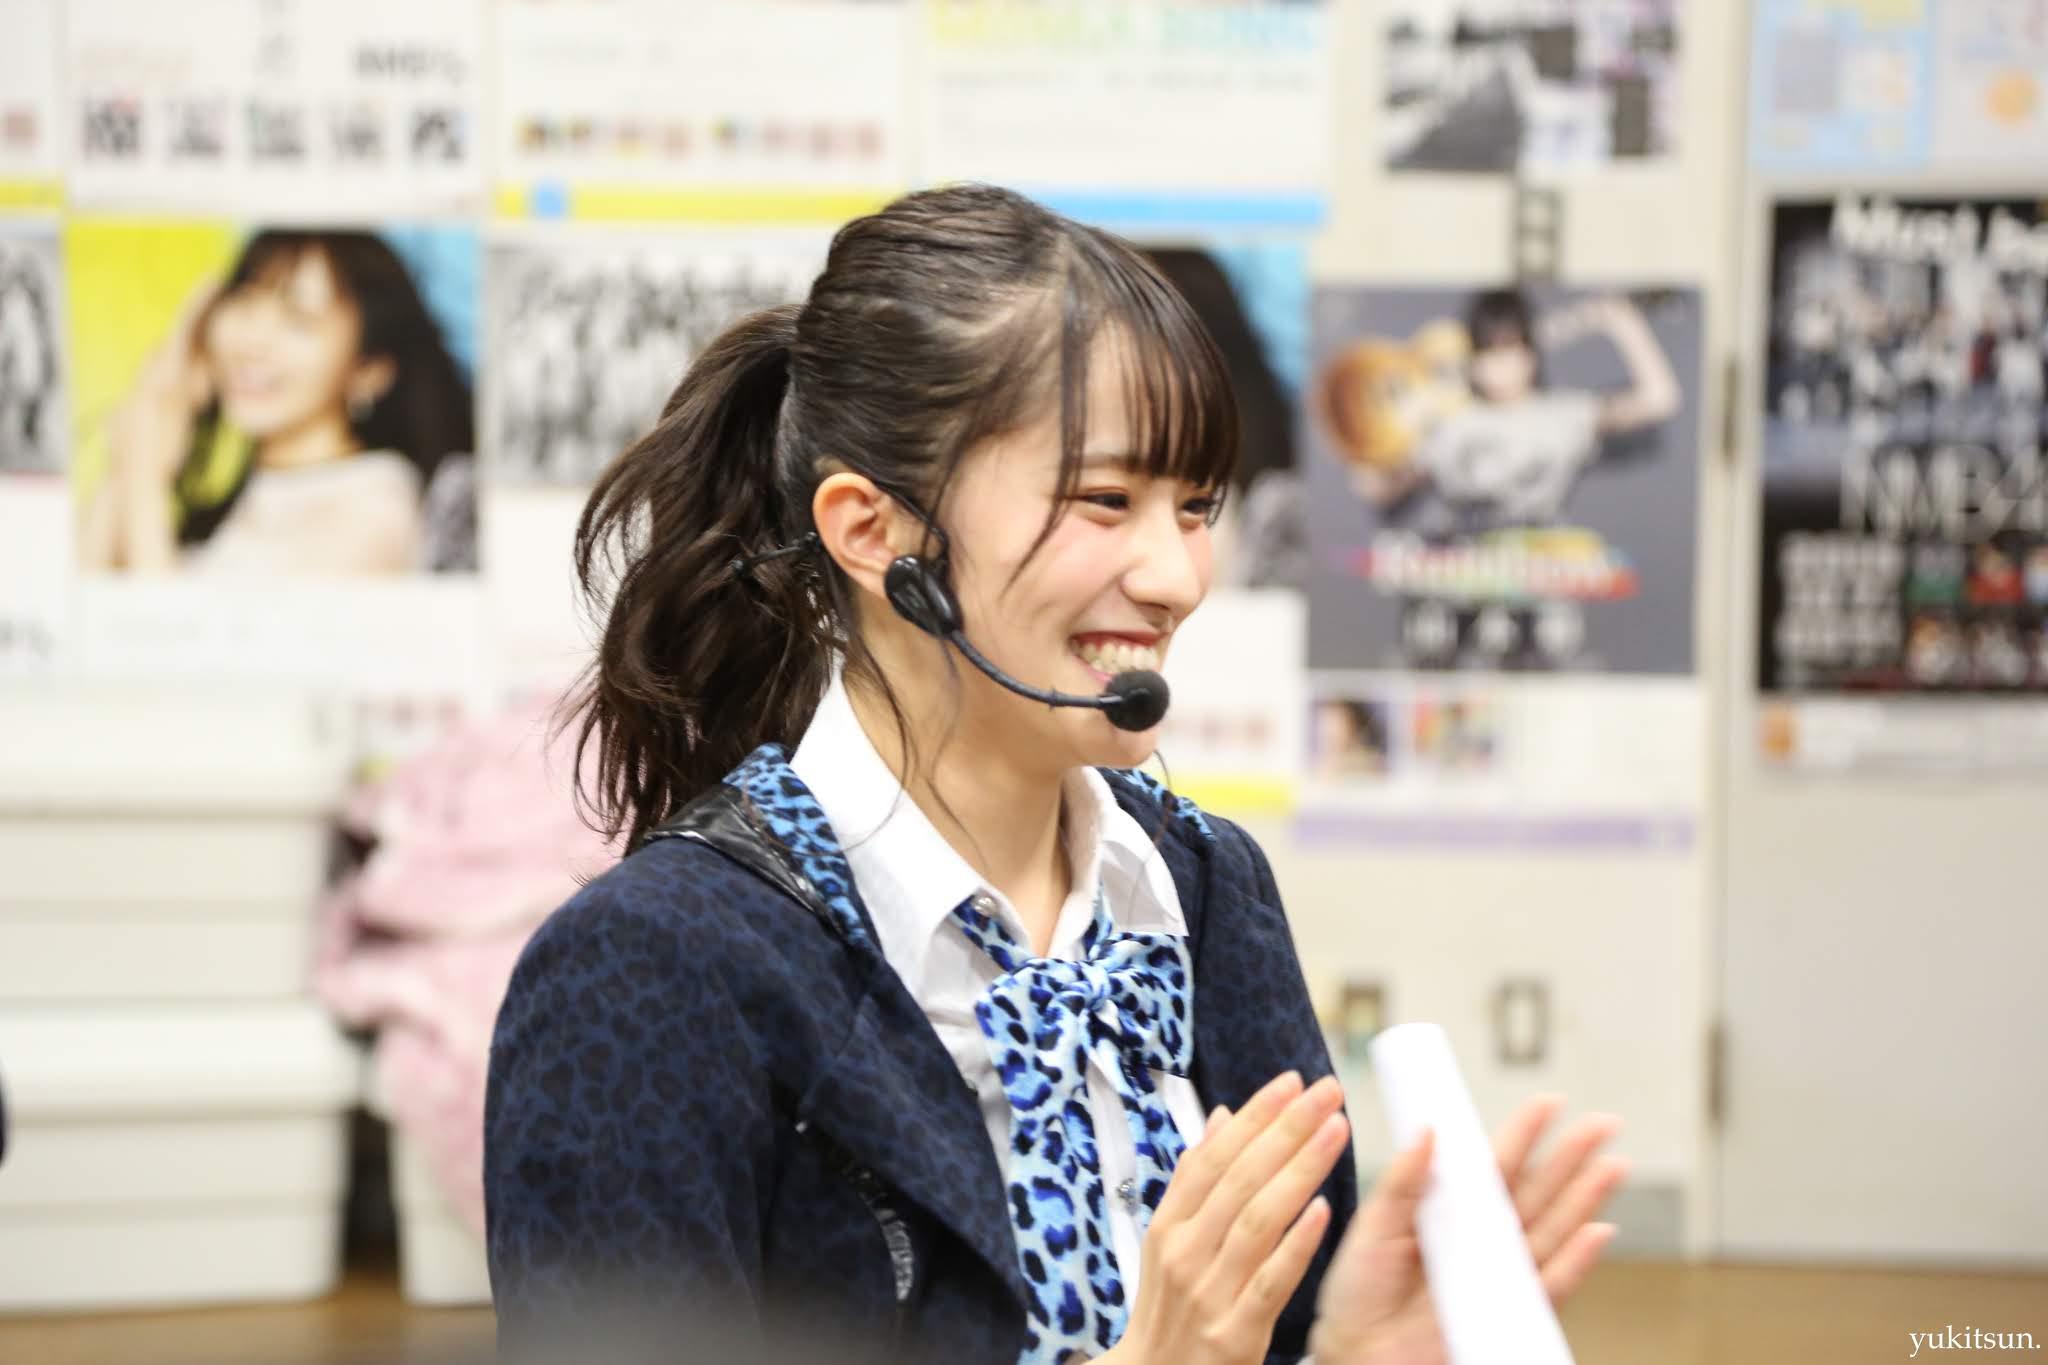 shinjidai-109